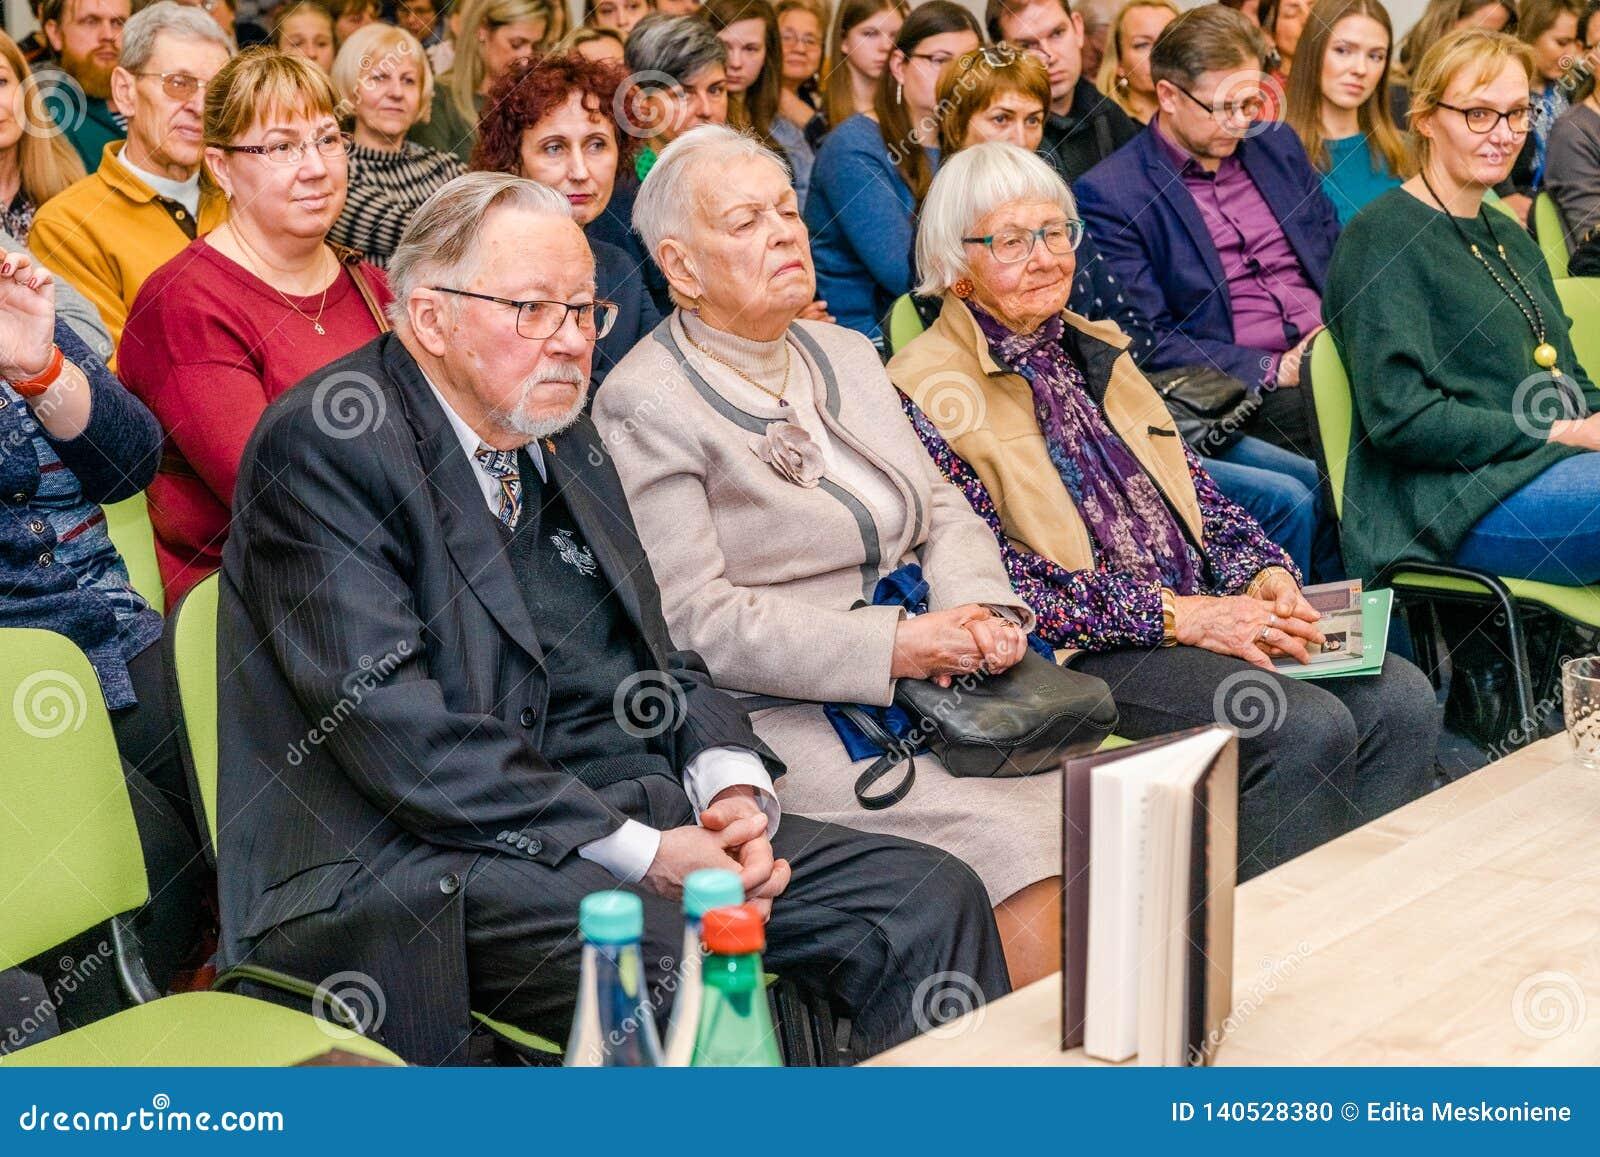 O anterior líder do estado Vytautas Lansbergis, pai do escritor do livro, está sentando-se na primeira fileira com sua esposa no